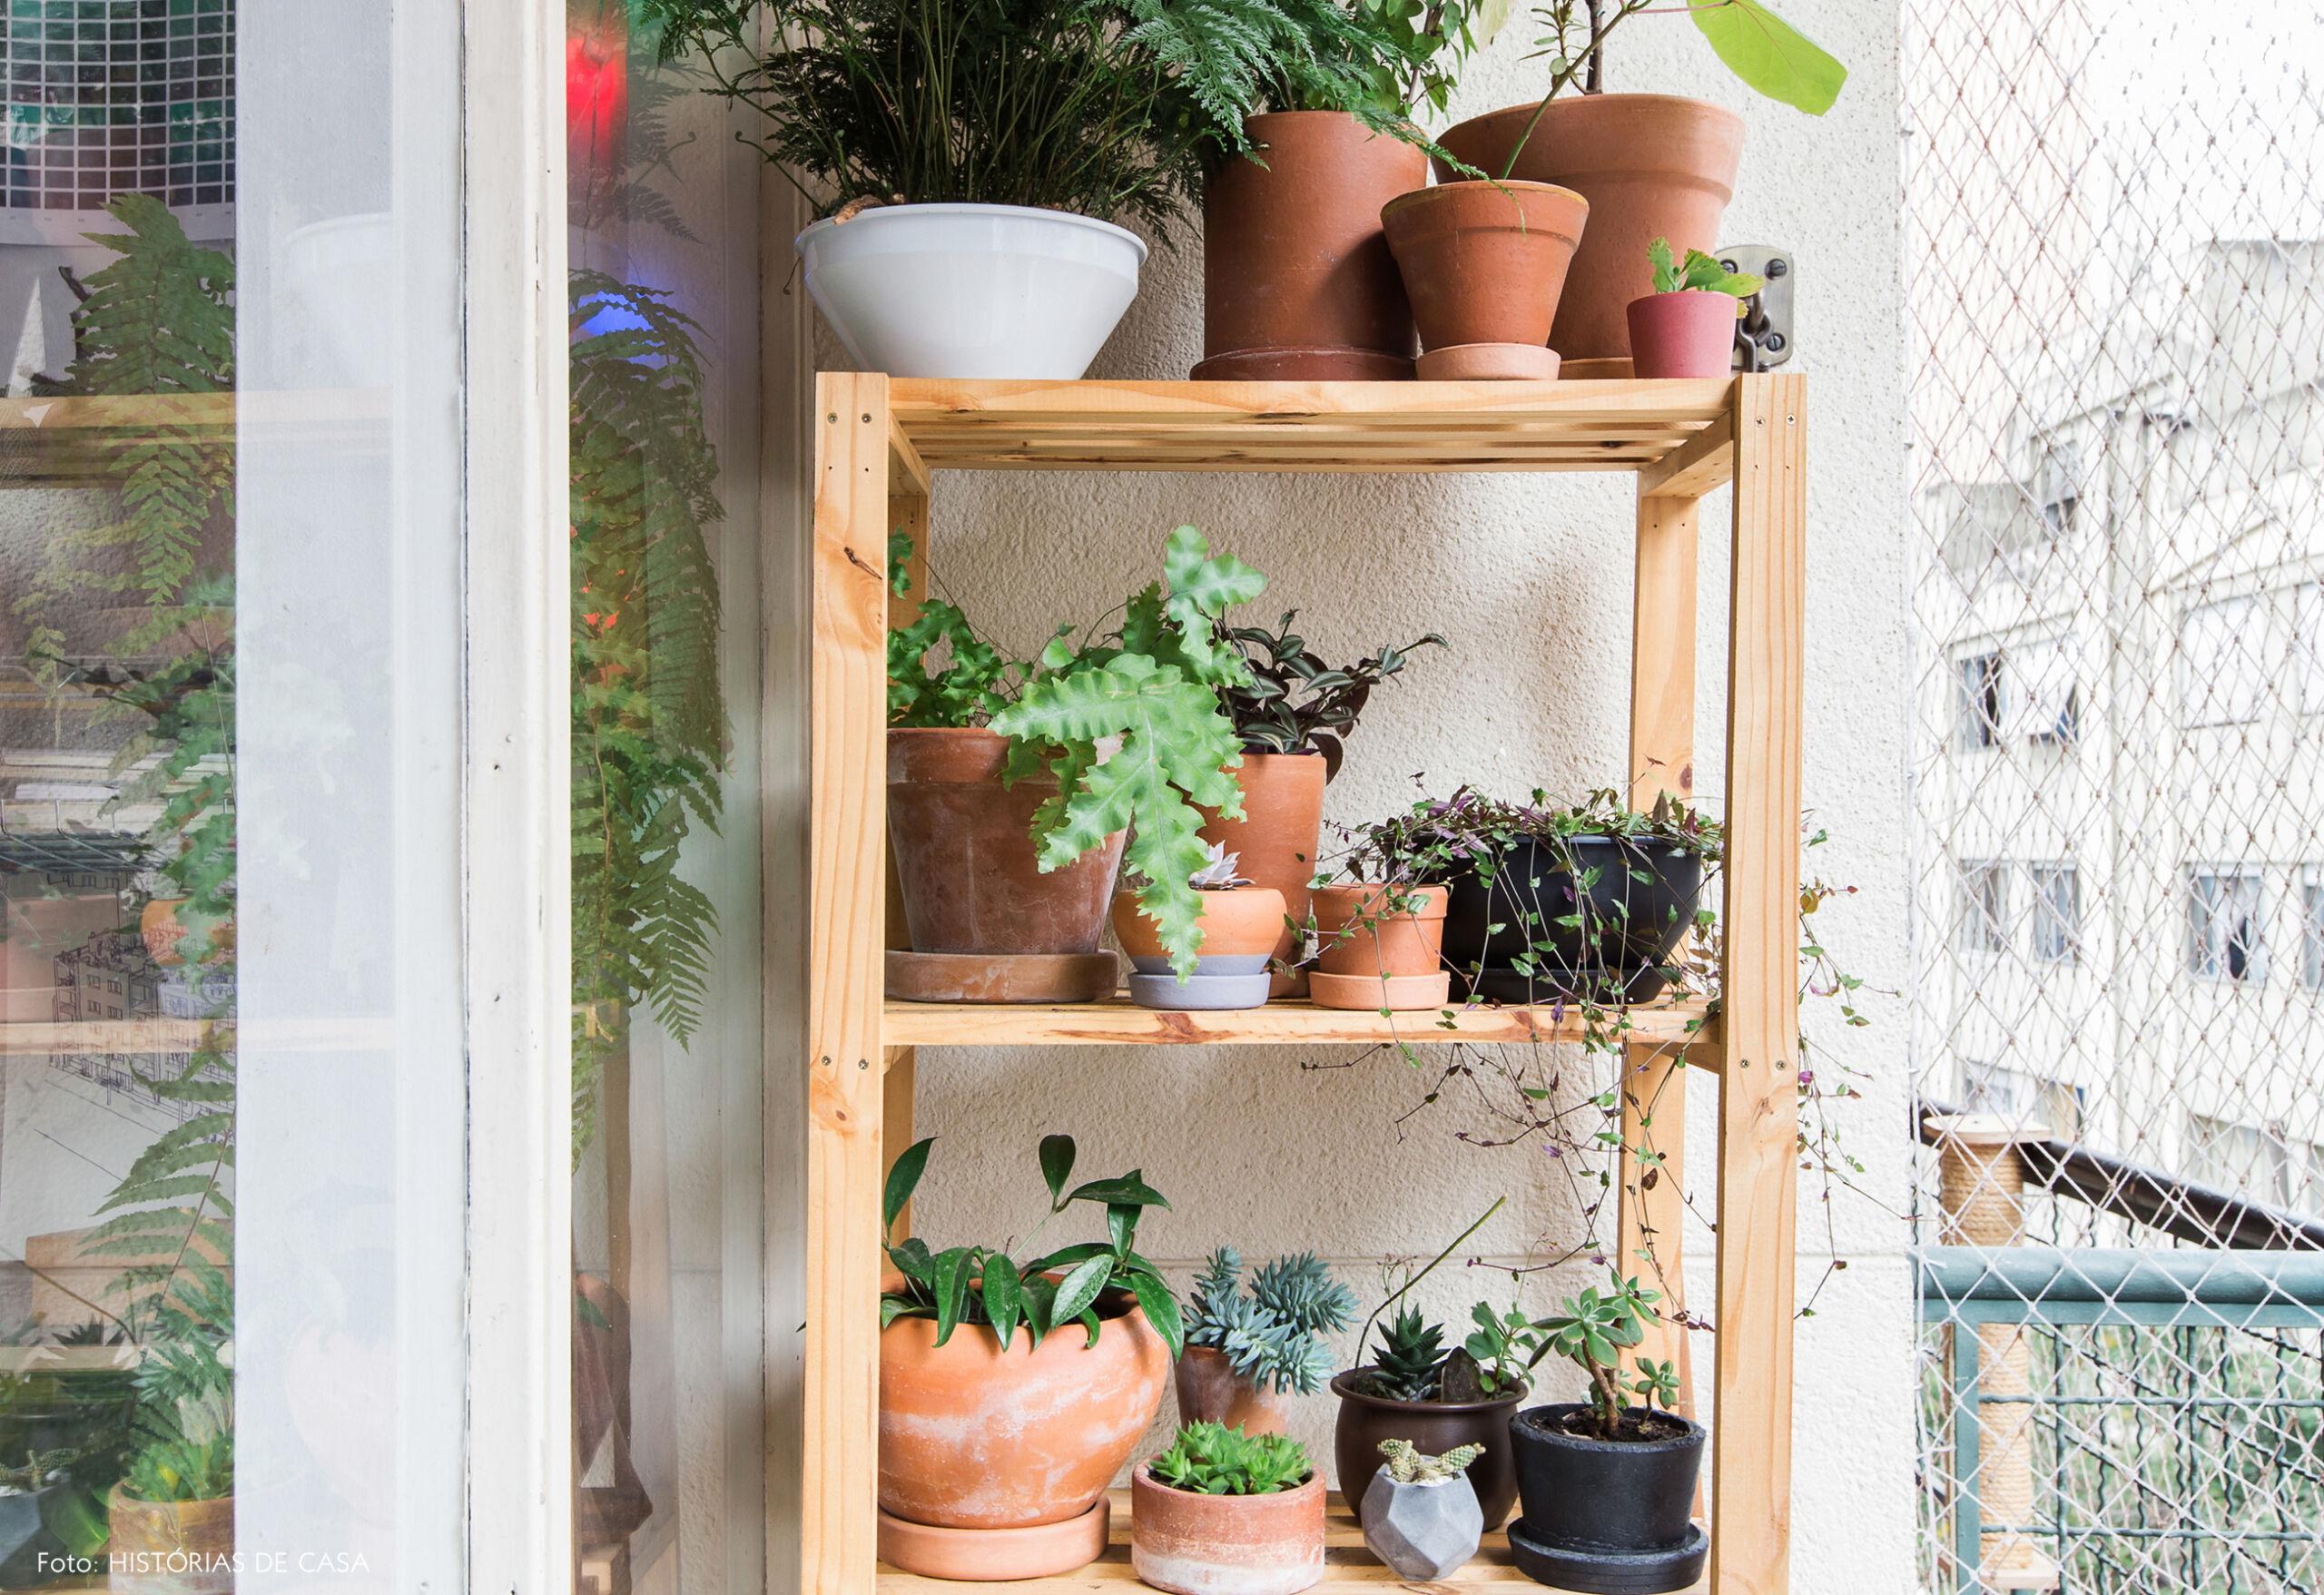 Estante de madeira na varanda com plantas